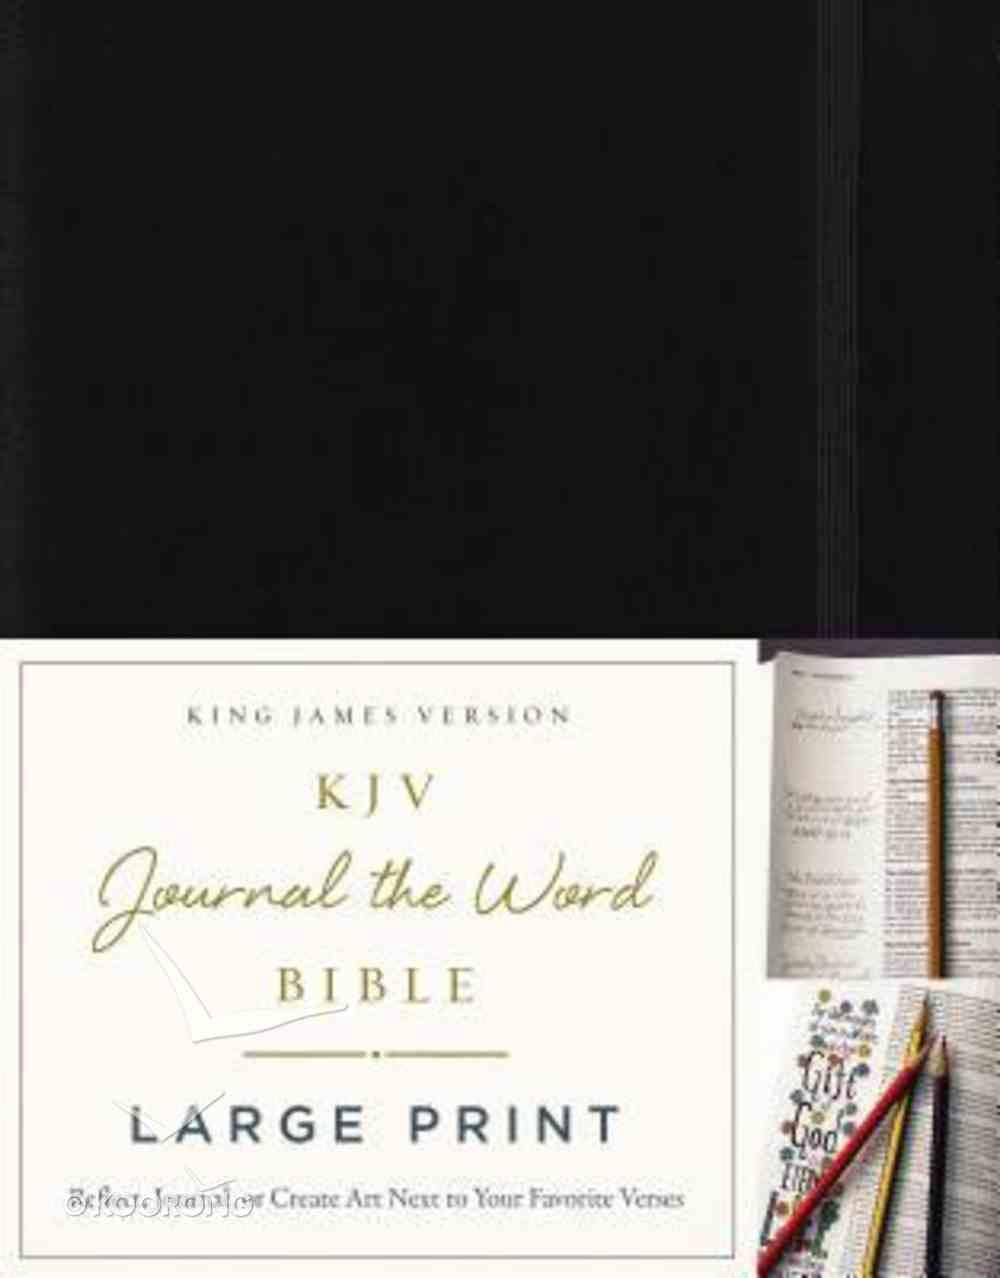 KJV Journal the Word Bible Large Print Black (Red Letter Edition) Hardback